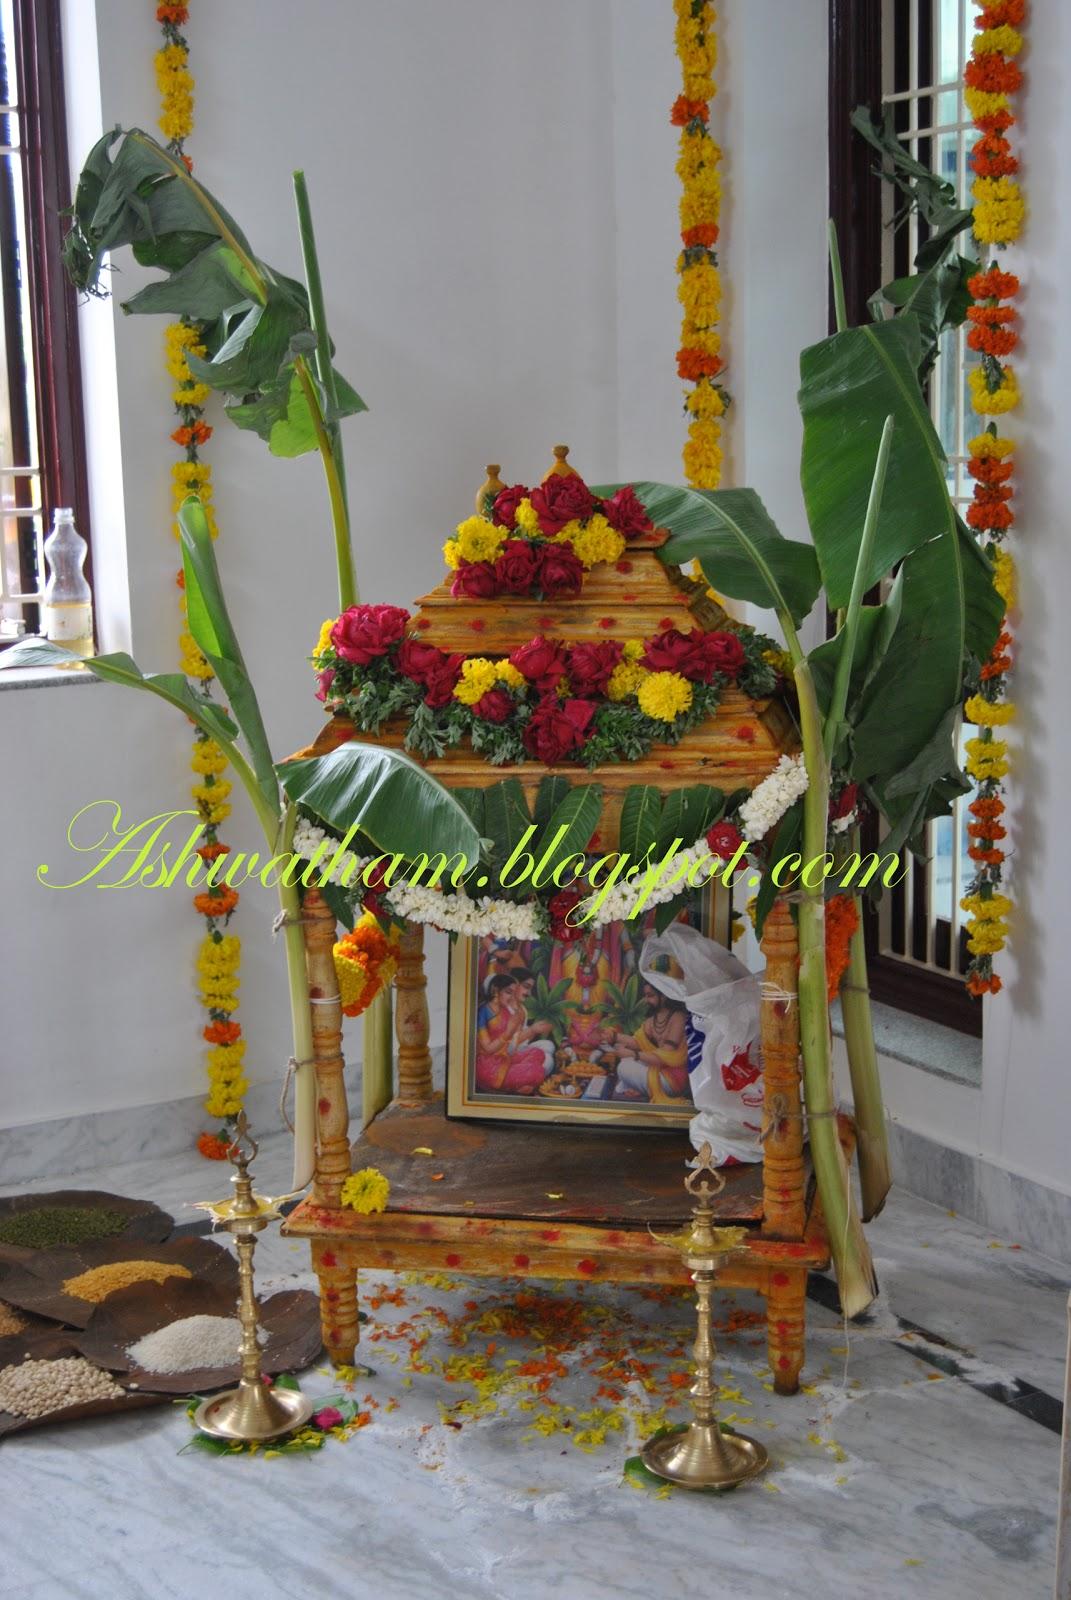 Ashwatham Gruha Pravesham House Warming